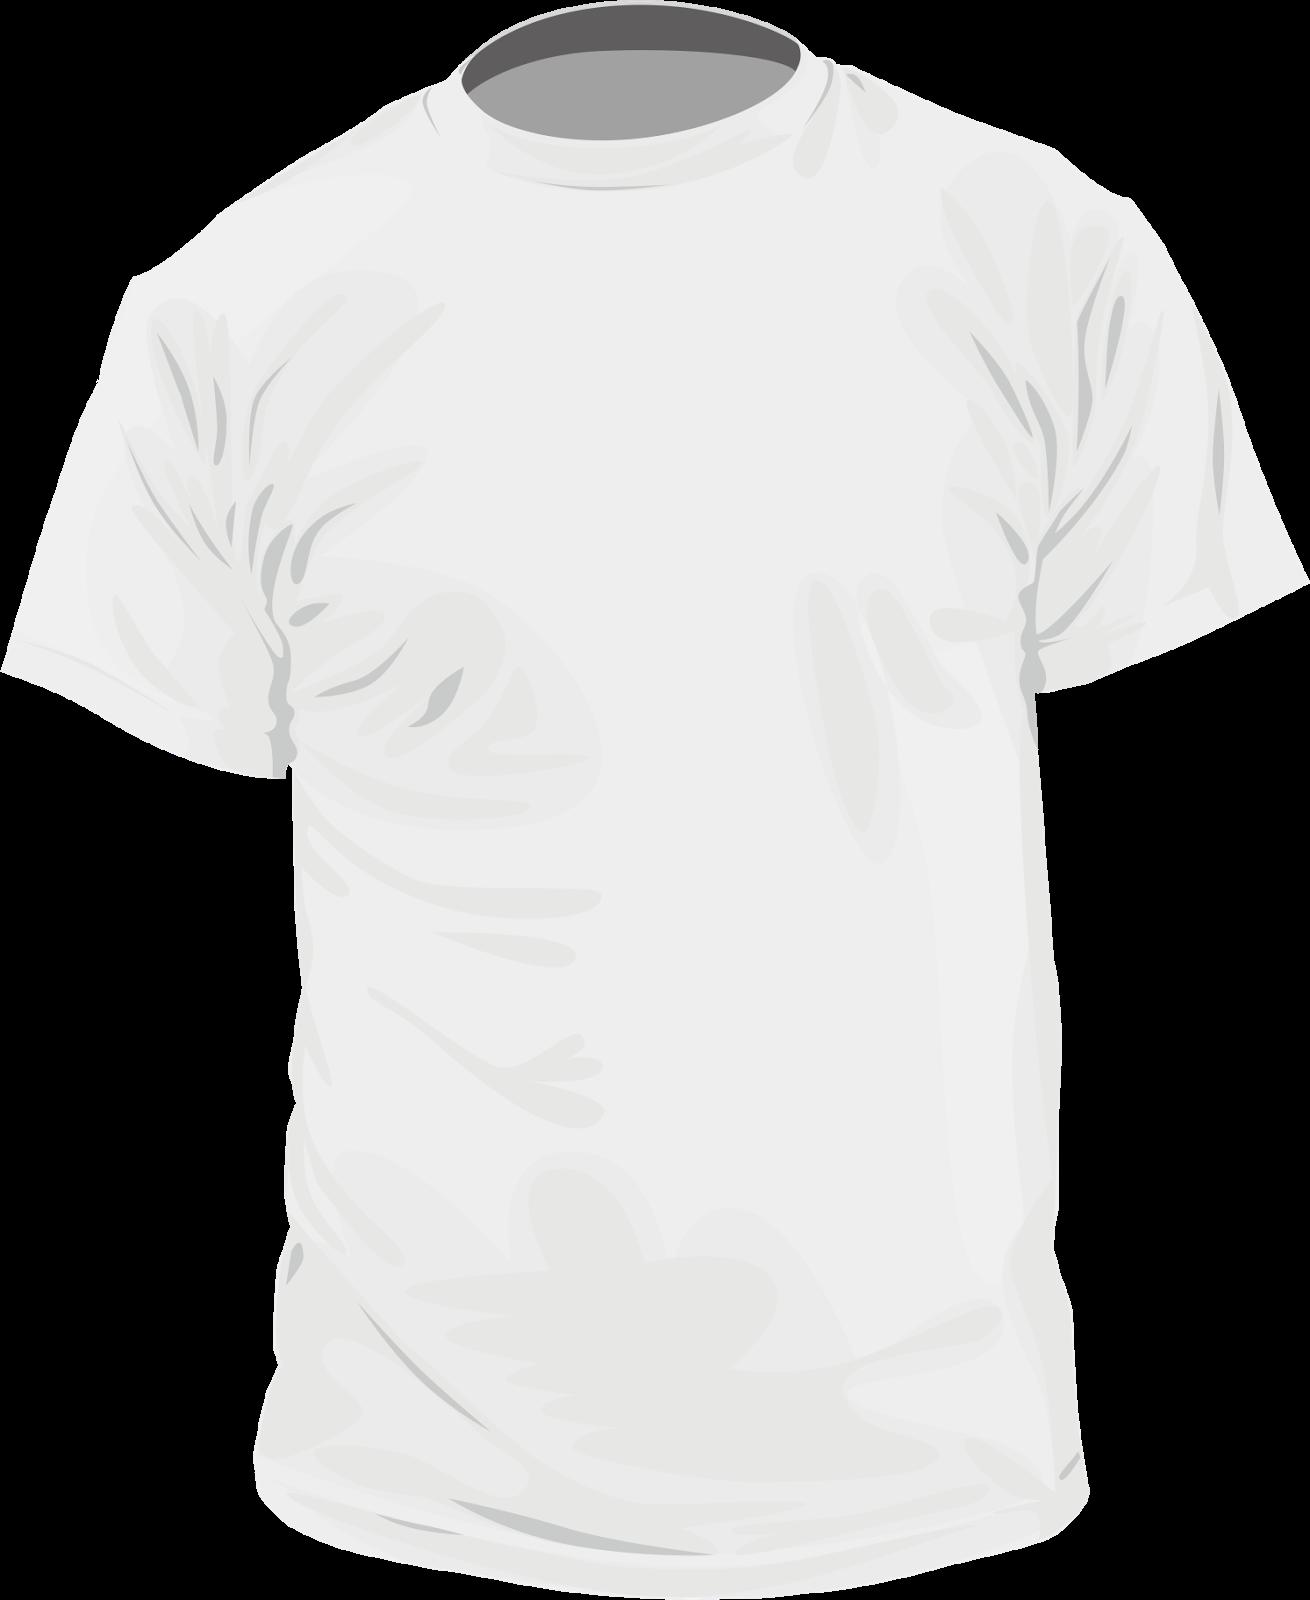 Kaos Putih Polos Depan Template Belakang